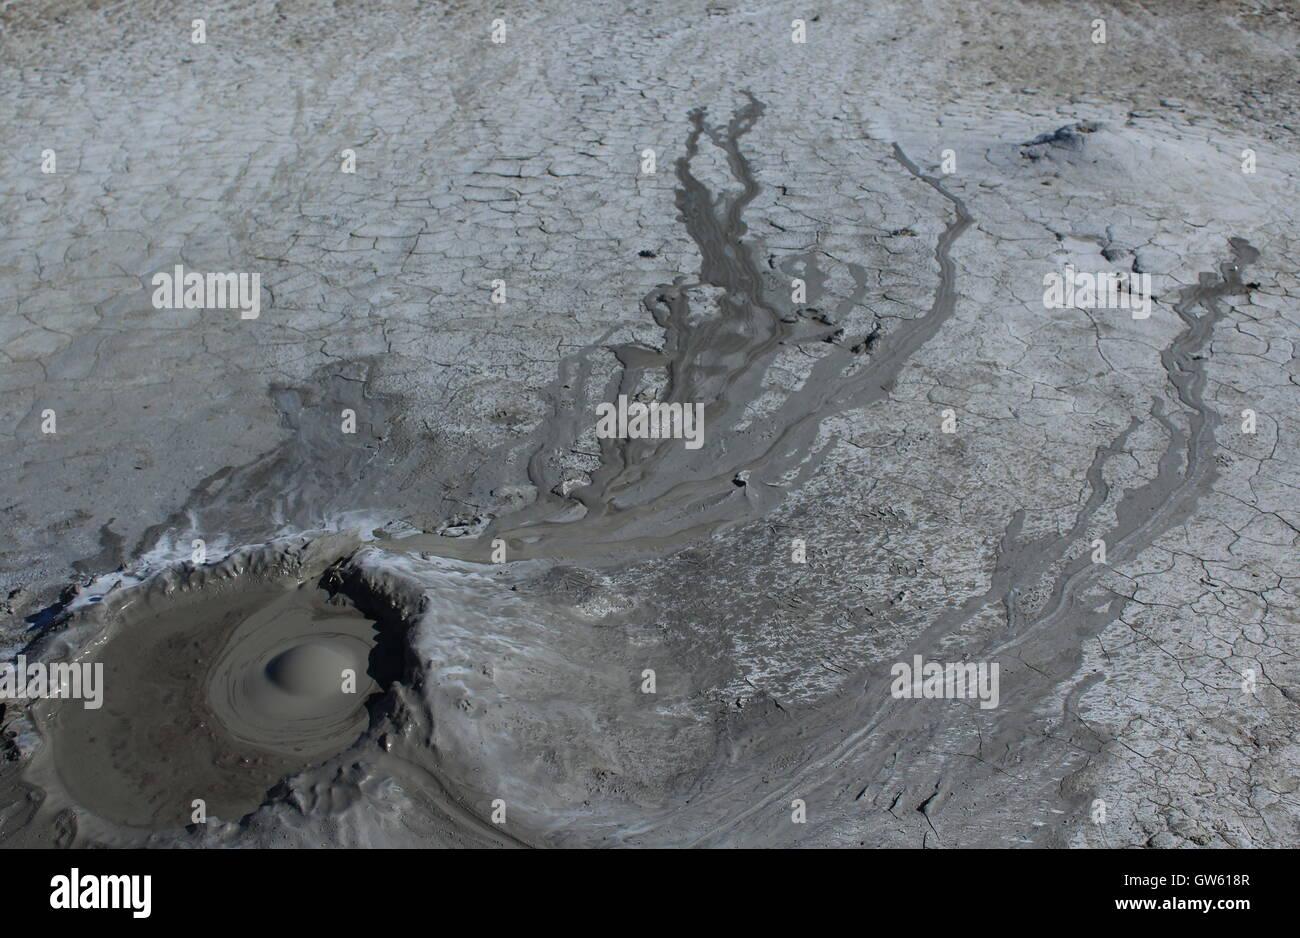 mud volcano erupting - Stock Image